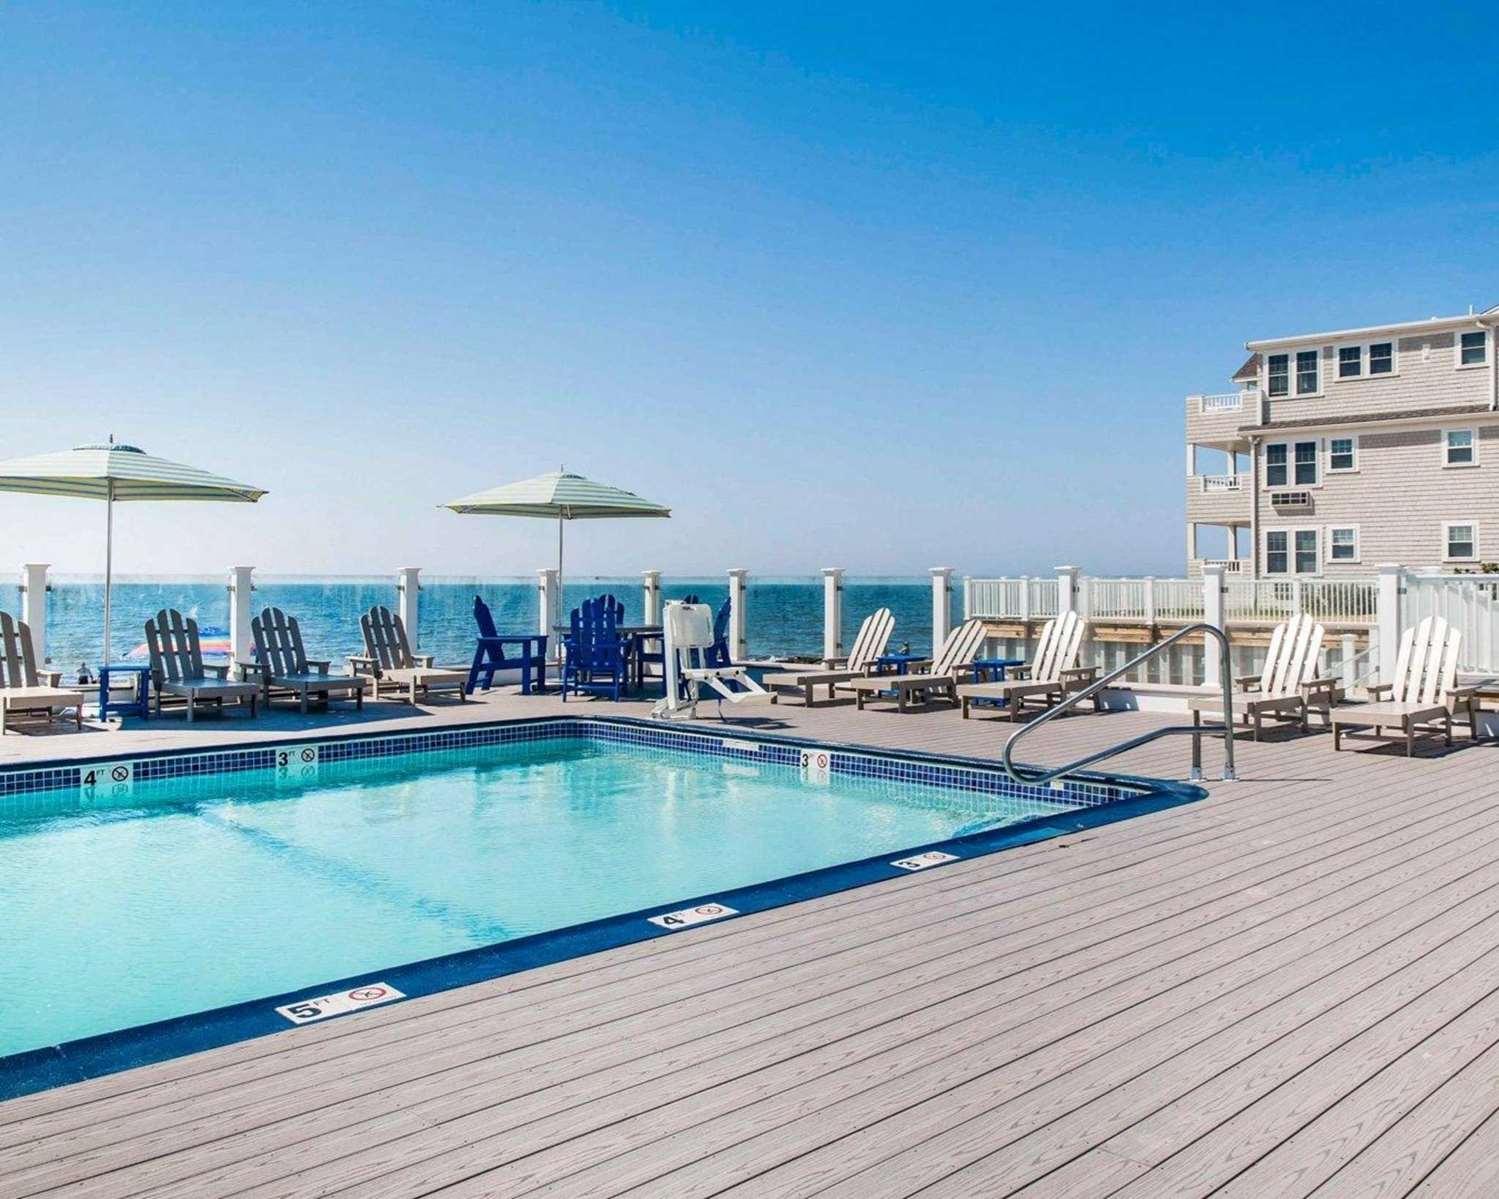 Pool - Soundings Seaside Resort by Bluegreen Vacations